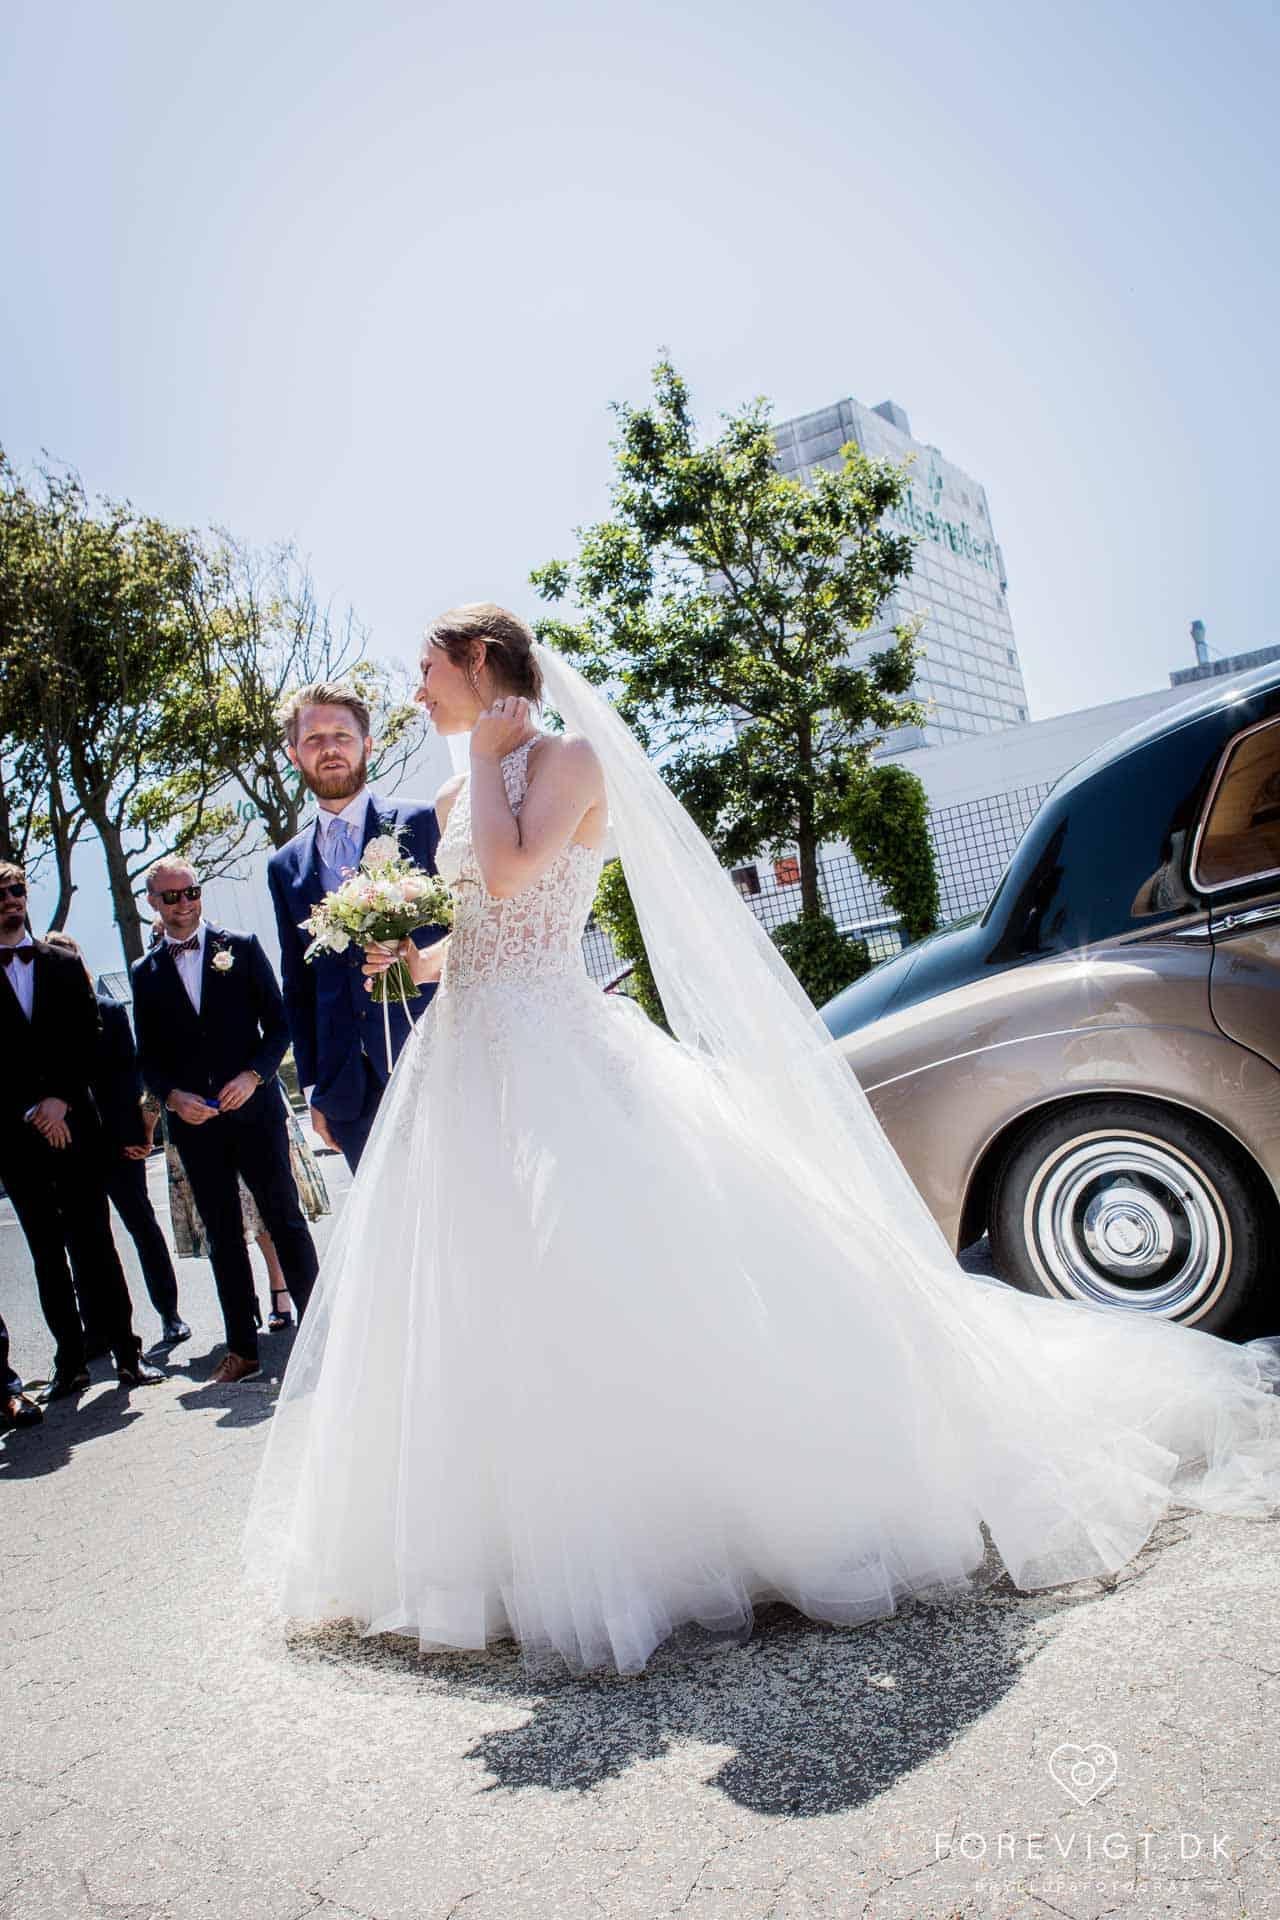 Frimurere logen bryllupsfotograferne